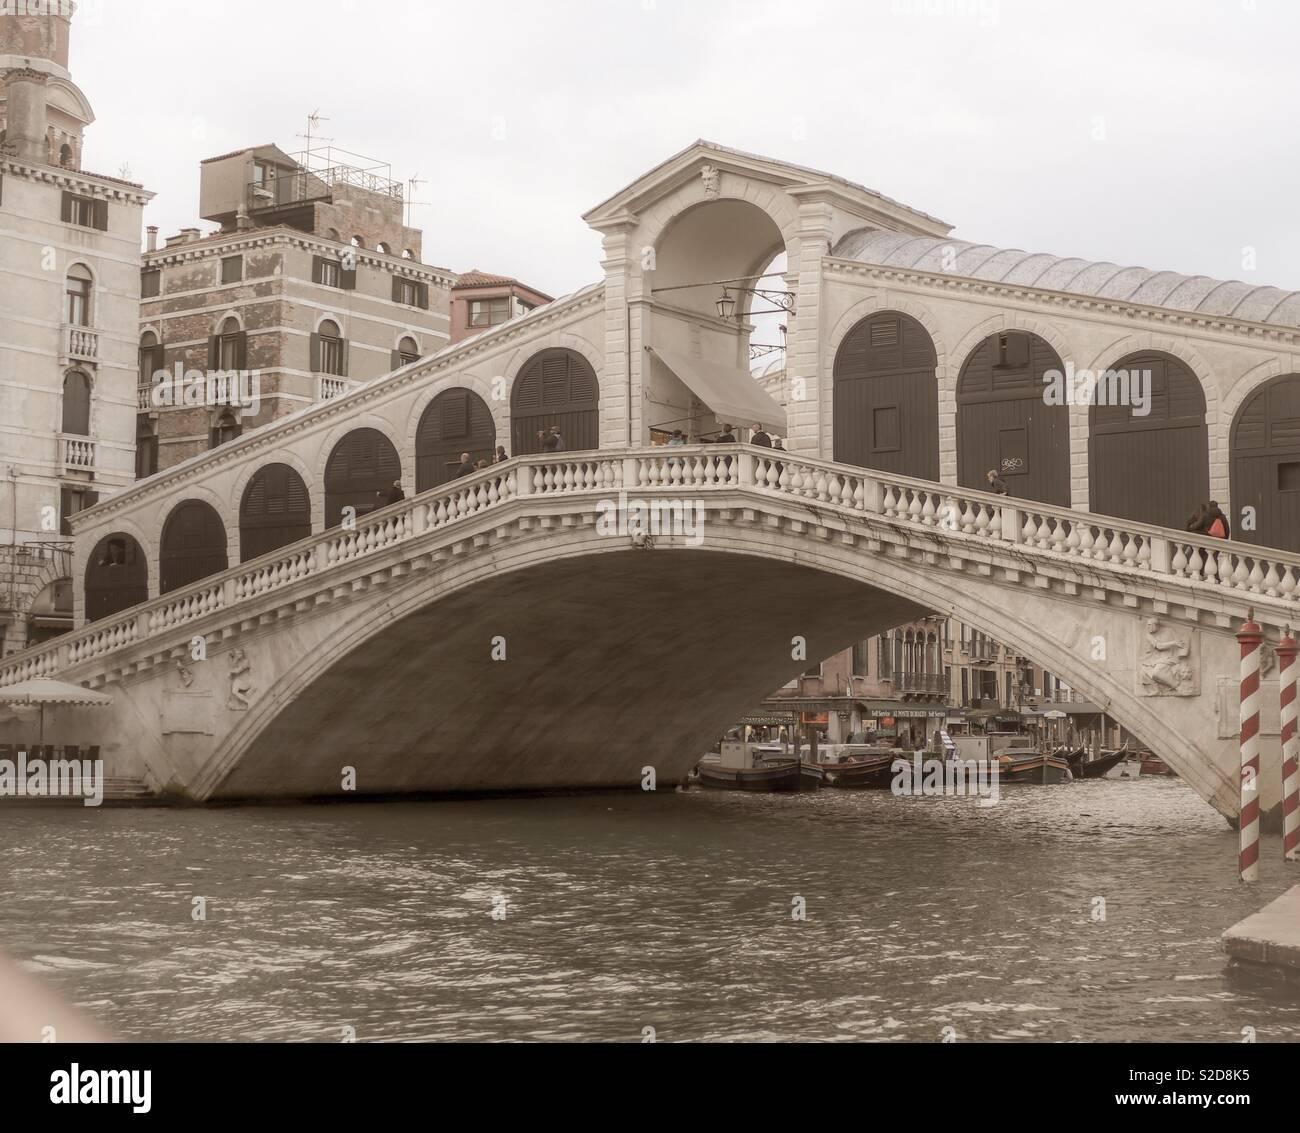 The Rialto Bridge in Venedig - Stock Image